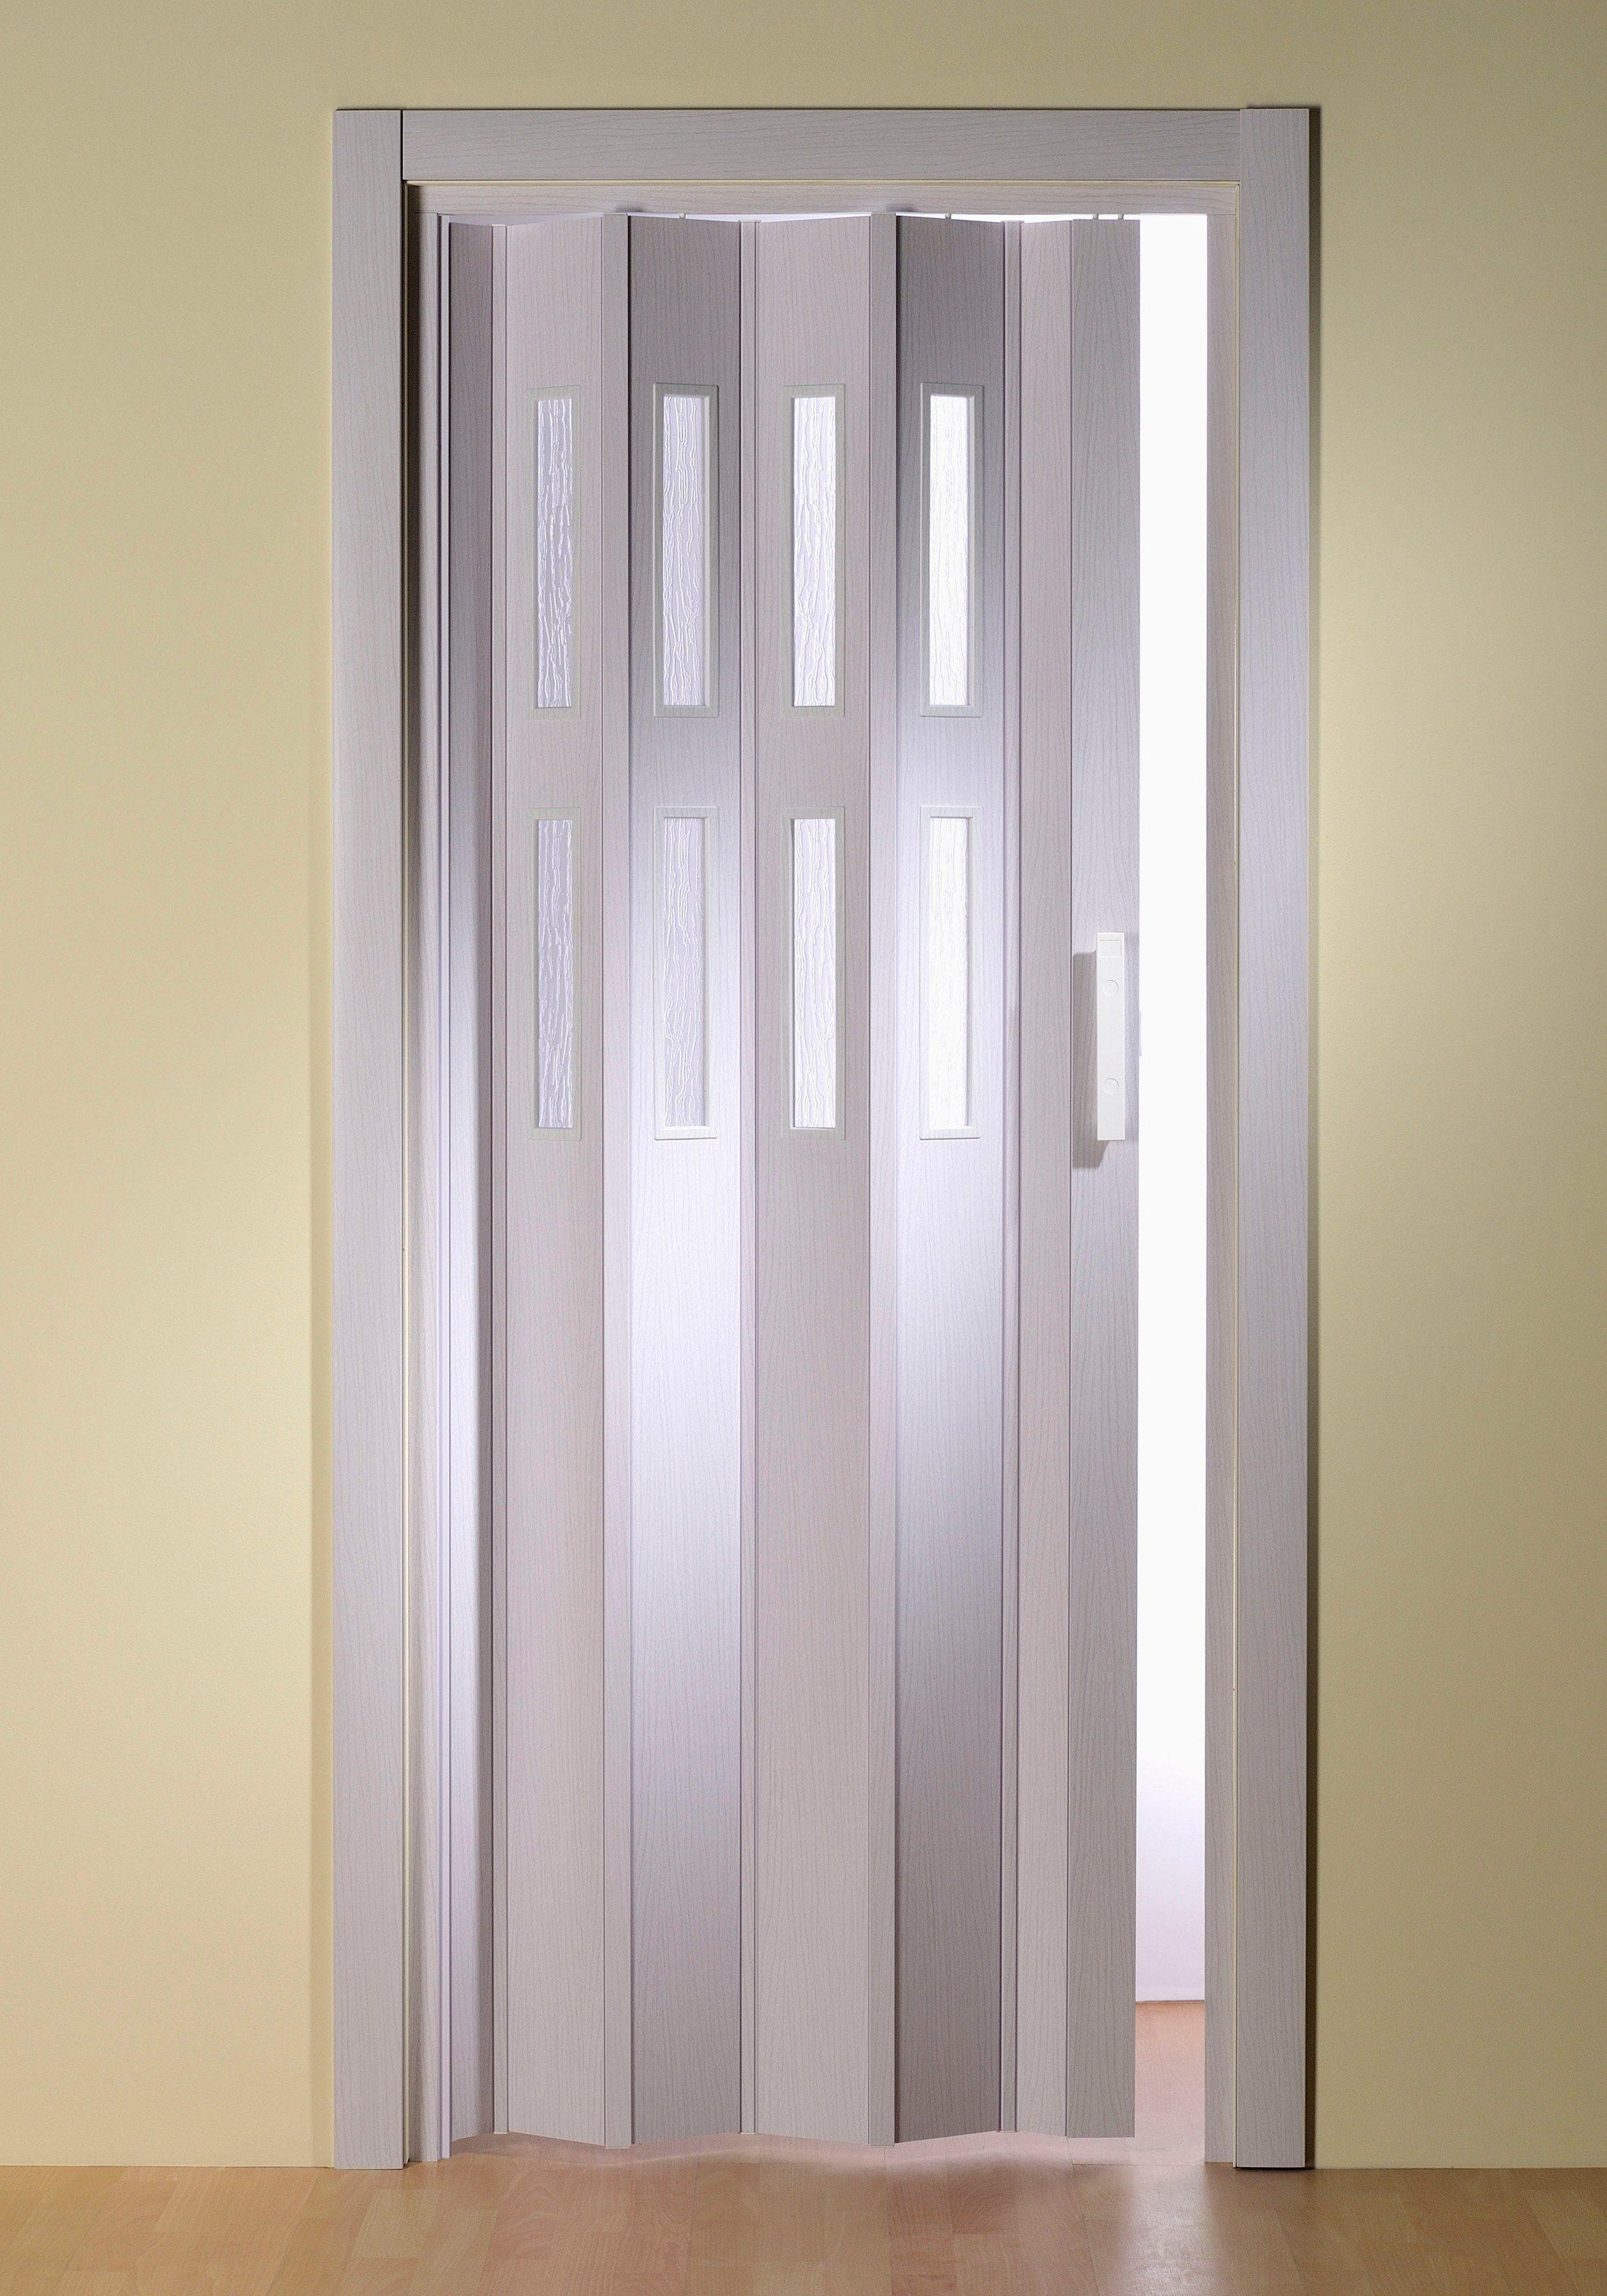 Kunststoff-Falttür »Luciana« Höhe nach Maß, eschefarben-weiß (mit Fenster)